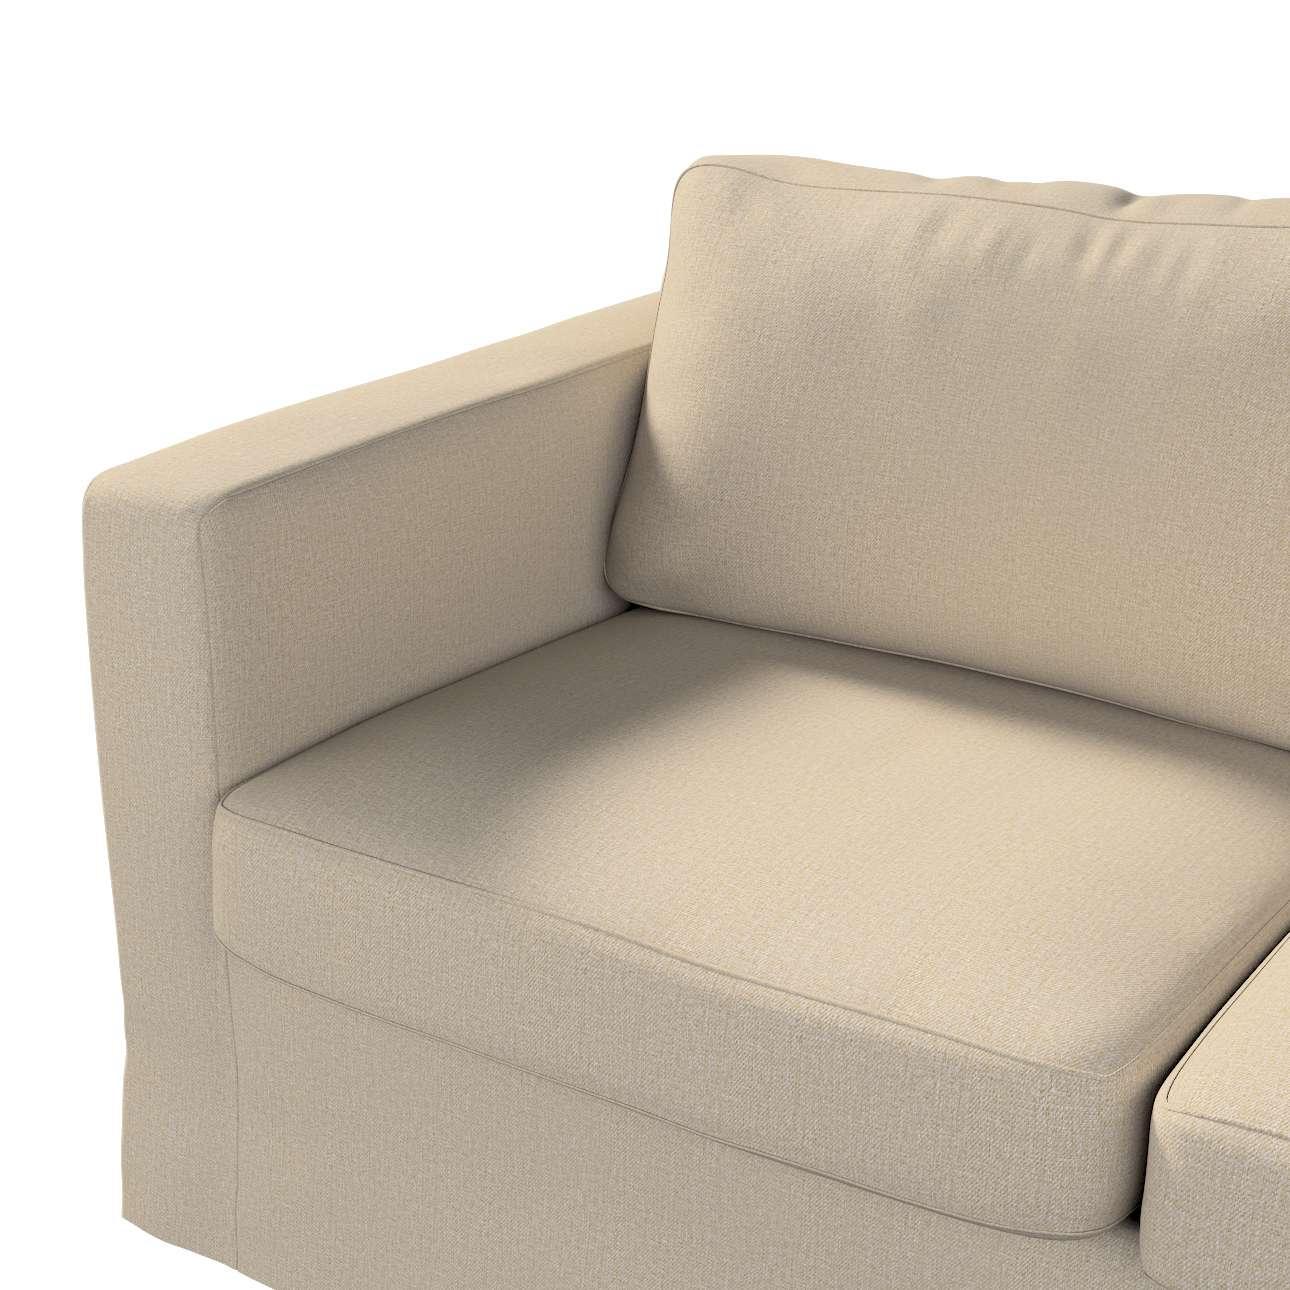 Pokrowiec na sofę Karlstad 2-osobową nierozkładaną długi w kolekcji Edinburgh, tkanina: 115-78